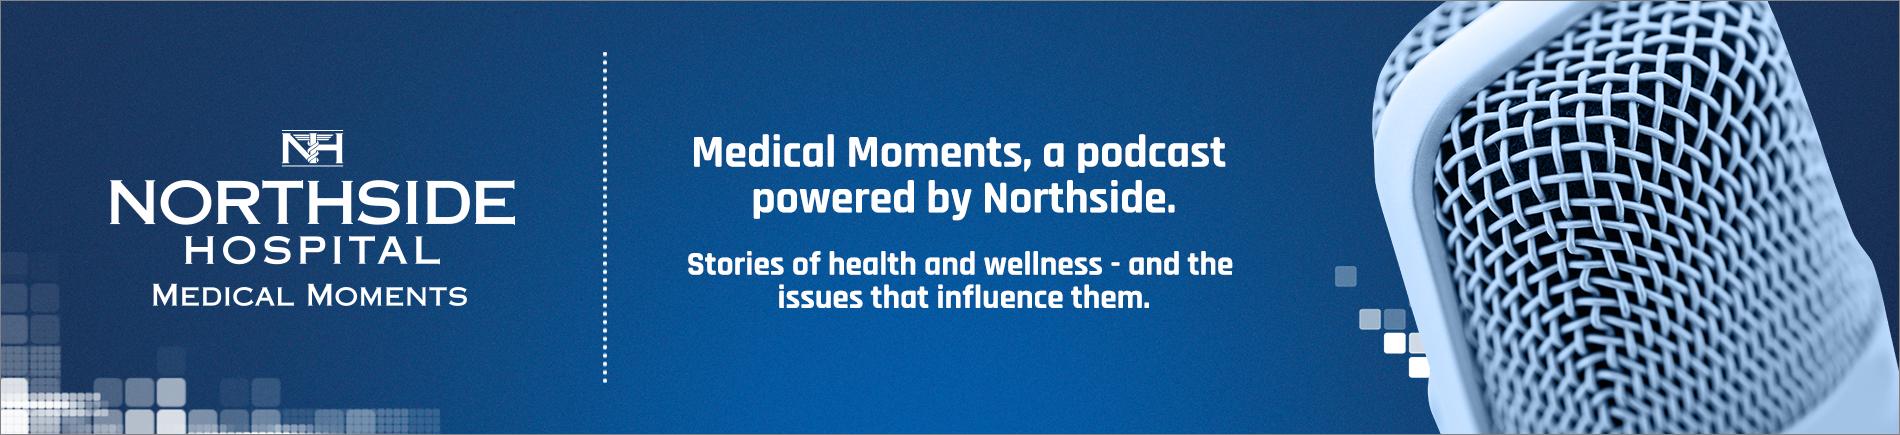 Northside Hospital Medical Moments Header